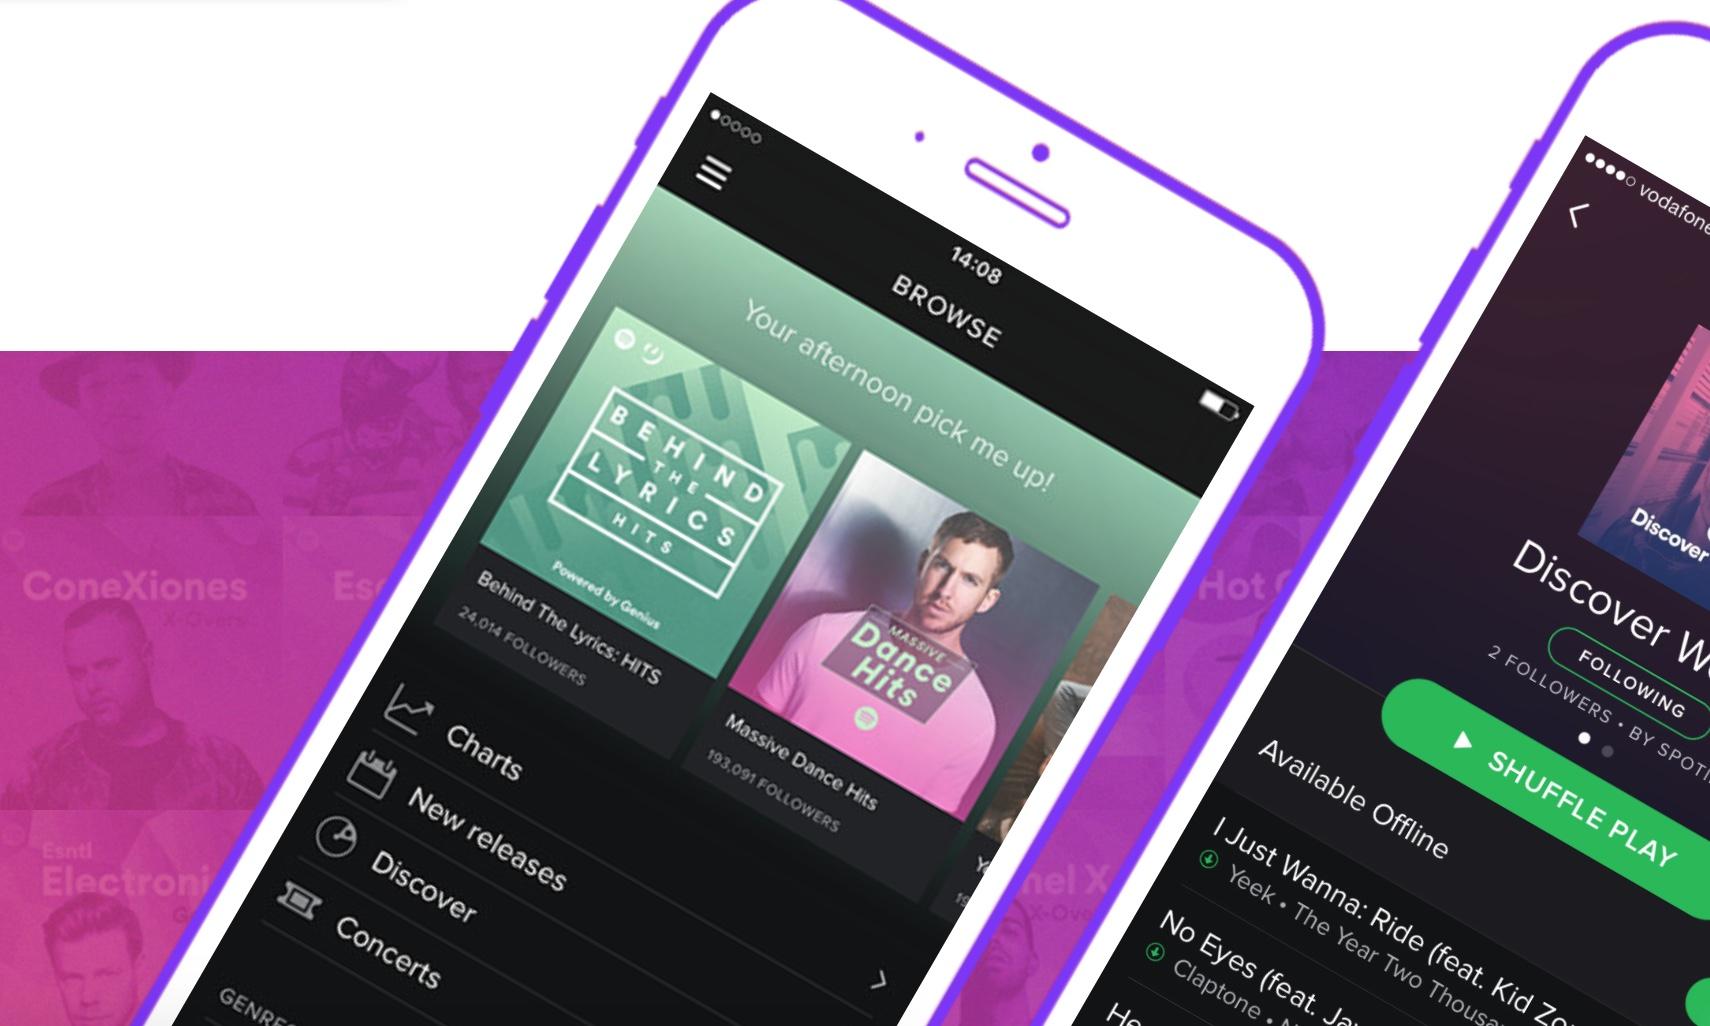 Spotify gjør det bra, men de store artistene er fortsatt spredt utover konkurrerende tjenester.